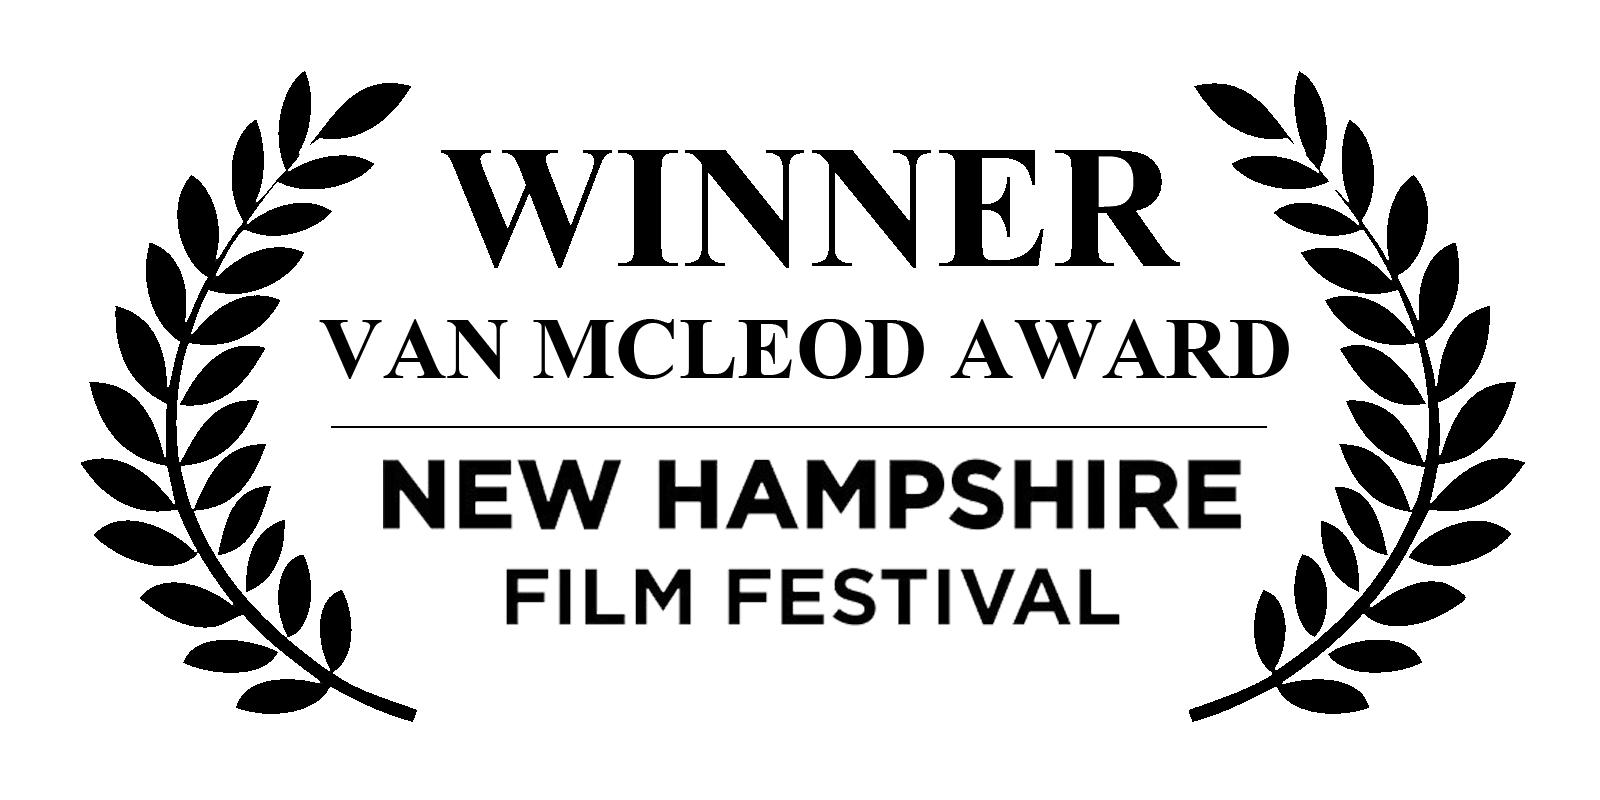 NH-FILM-FESTIVAL-VAN-MCLEOD-AWARD.jpg